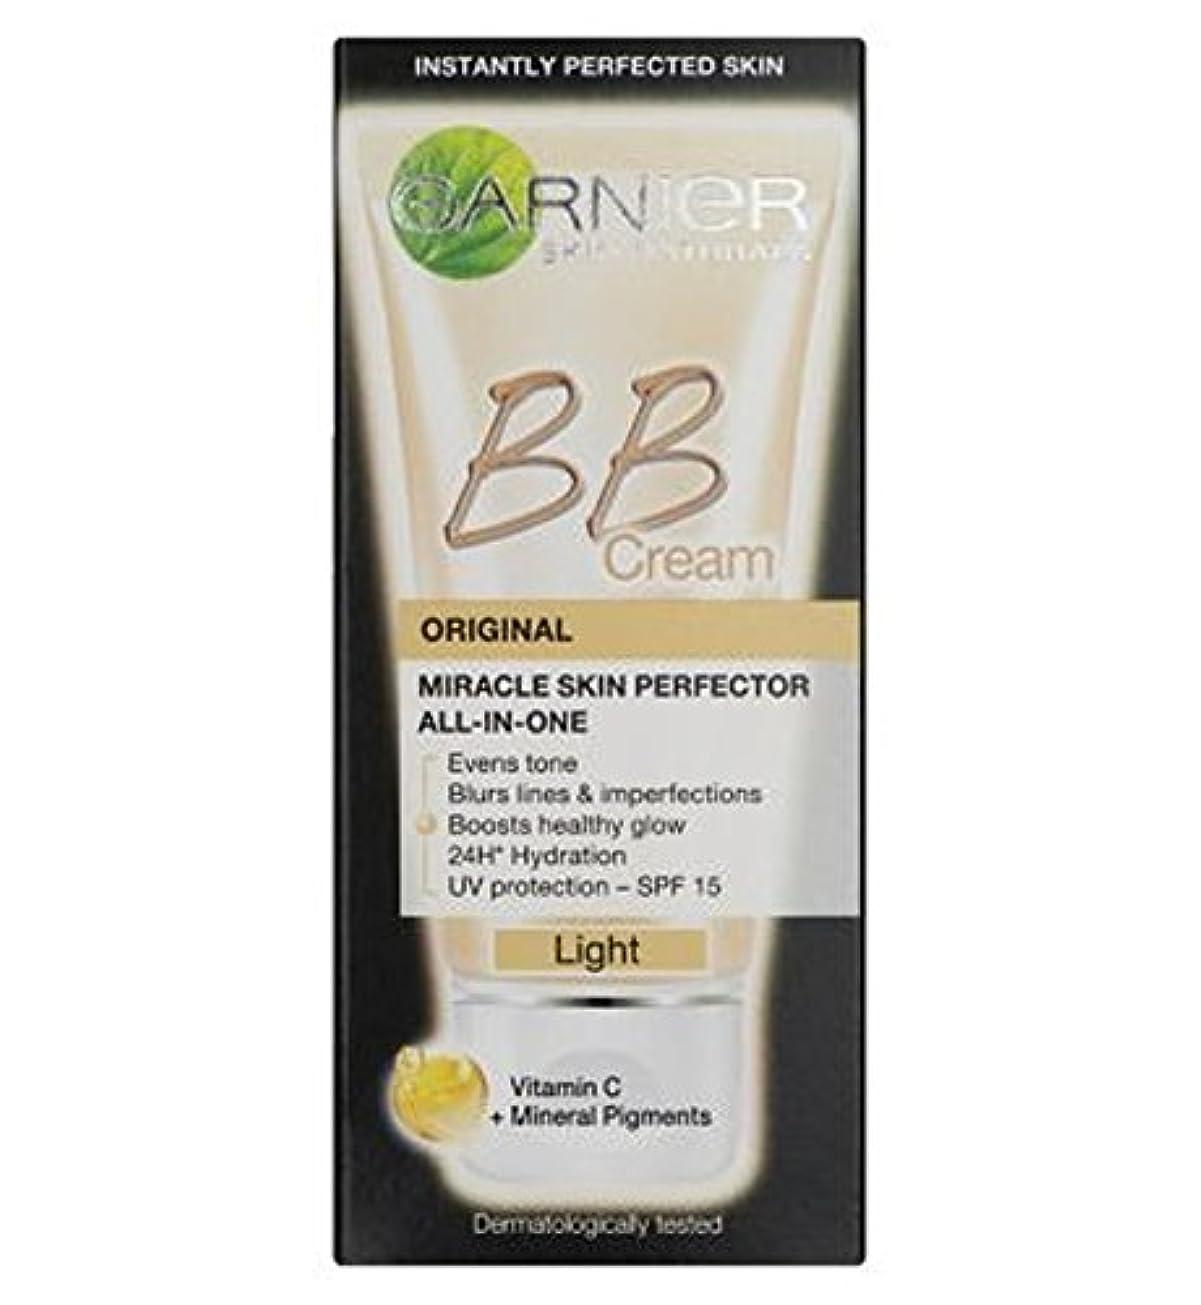 インストラクター注文薄めるGarnier Skin Perfector Daily All-In-One B.B. Blemish Balm Cream Light 50ml - 毎日オールインワンB.B.ガルニエスキンパーフェク傷バームクリームライト...